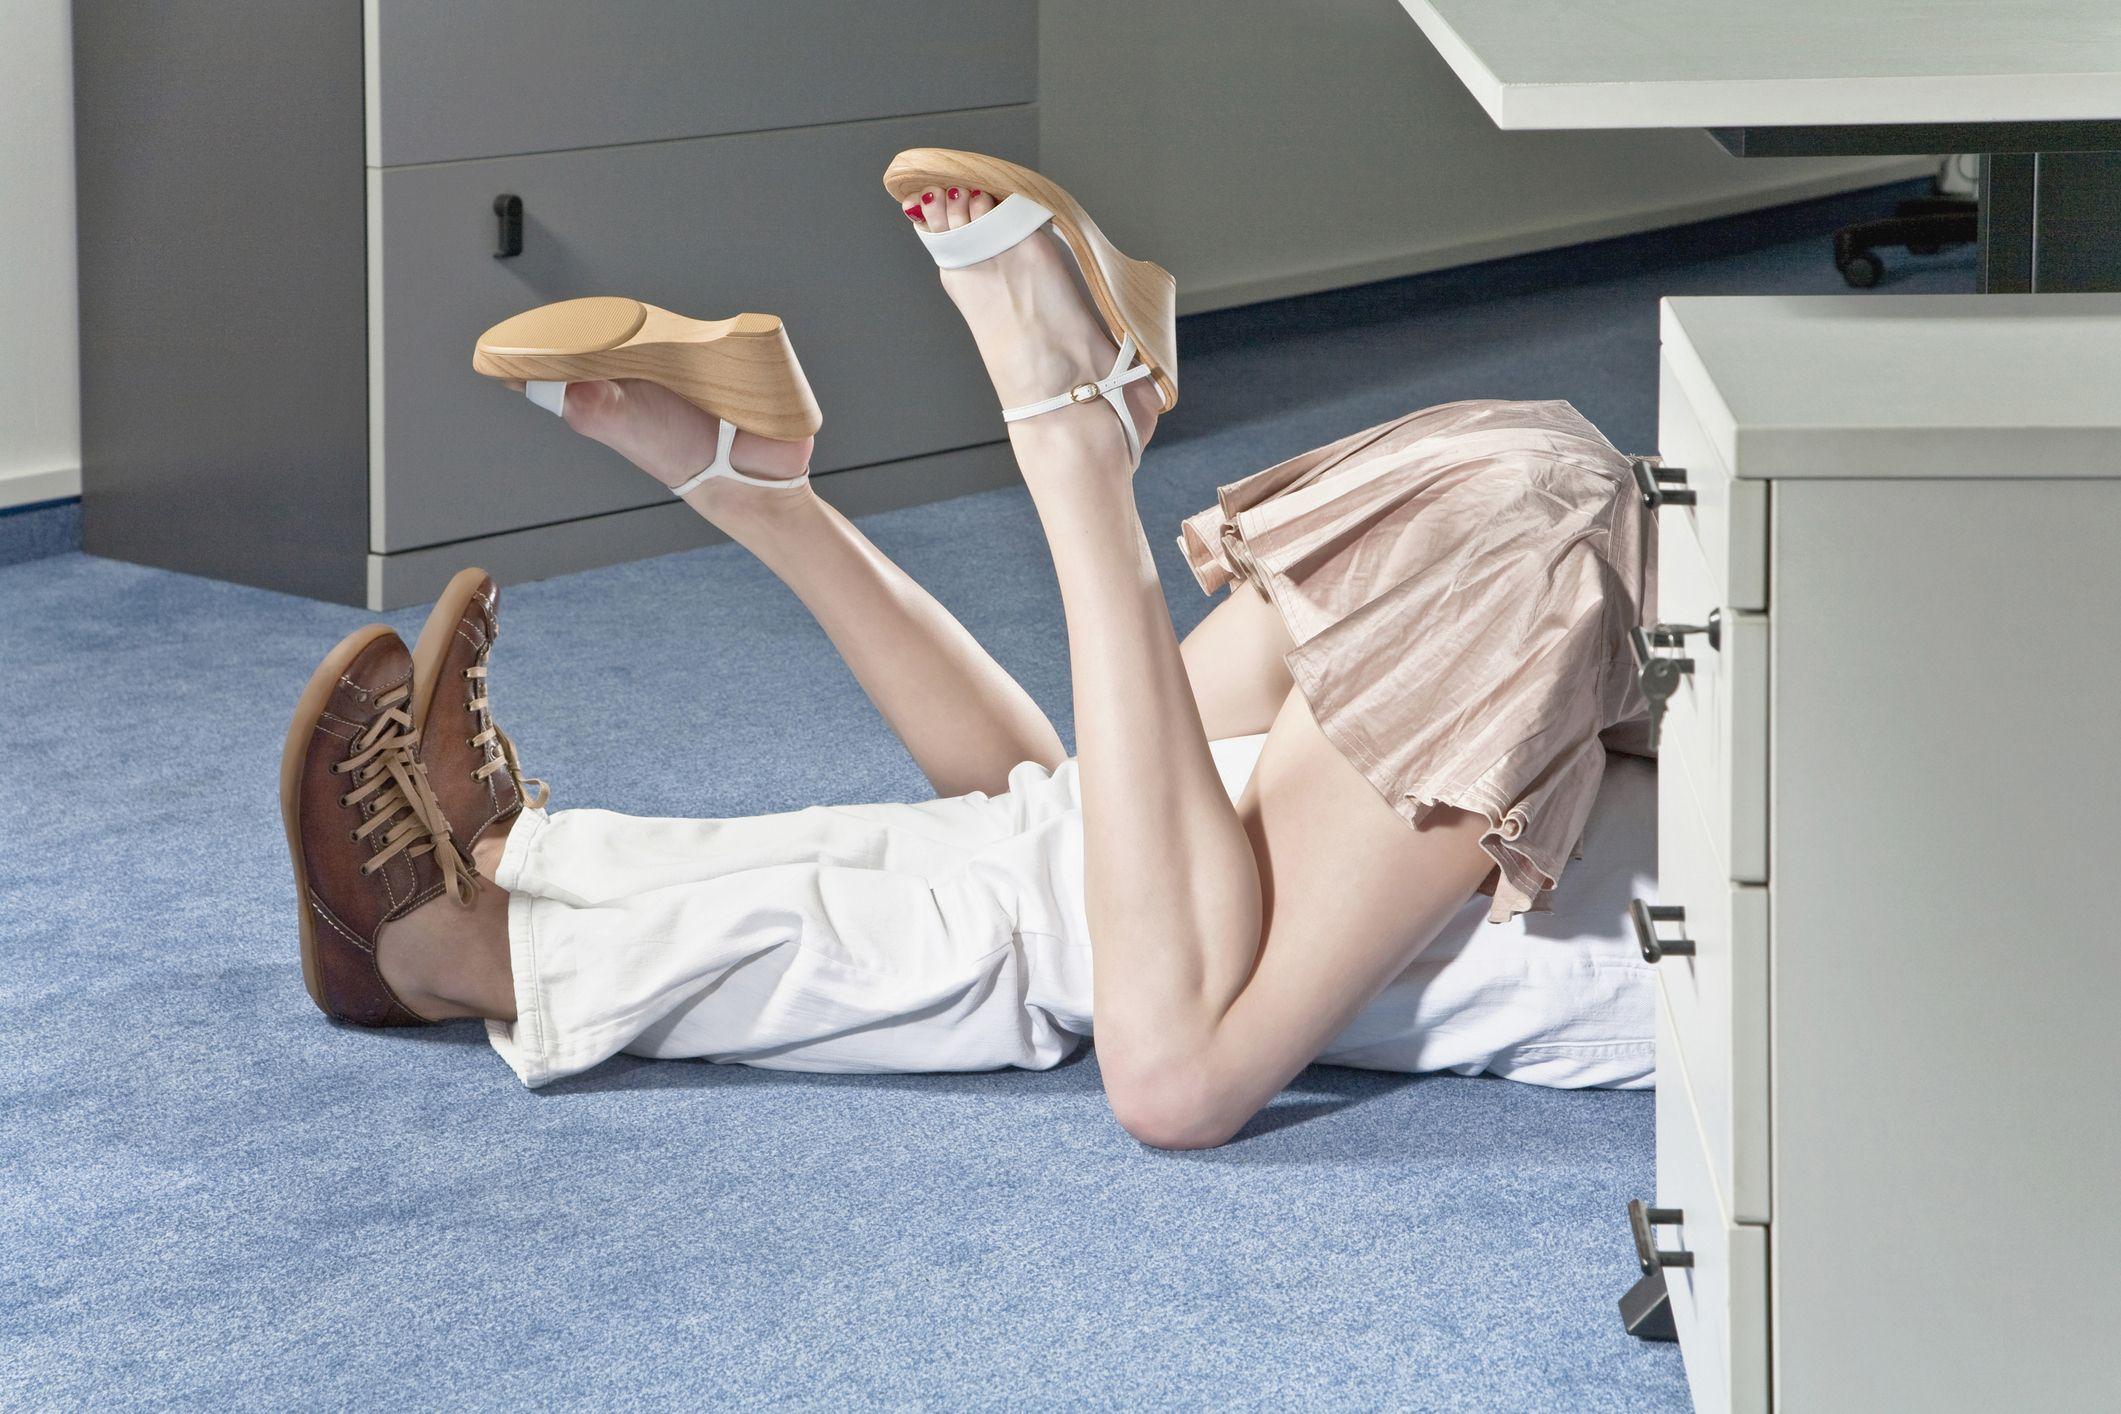 Lavoro In Ufficio Vignette : Tradimento in ufficio le professioni più a rischio infedeltà